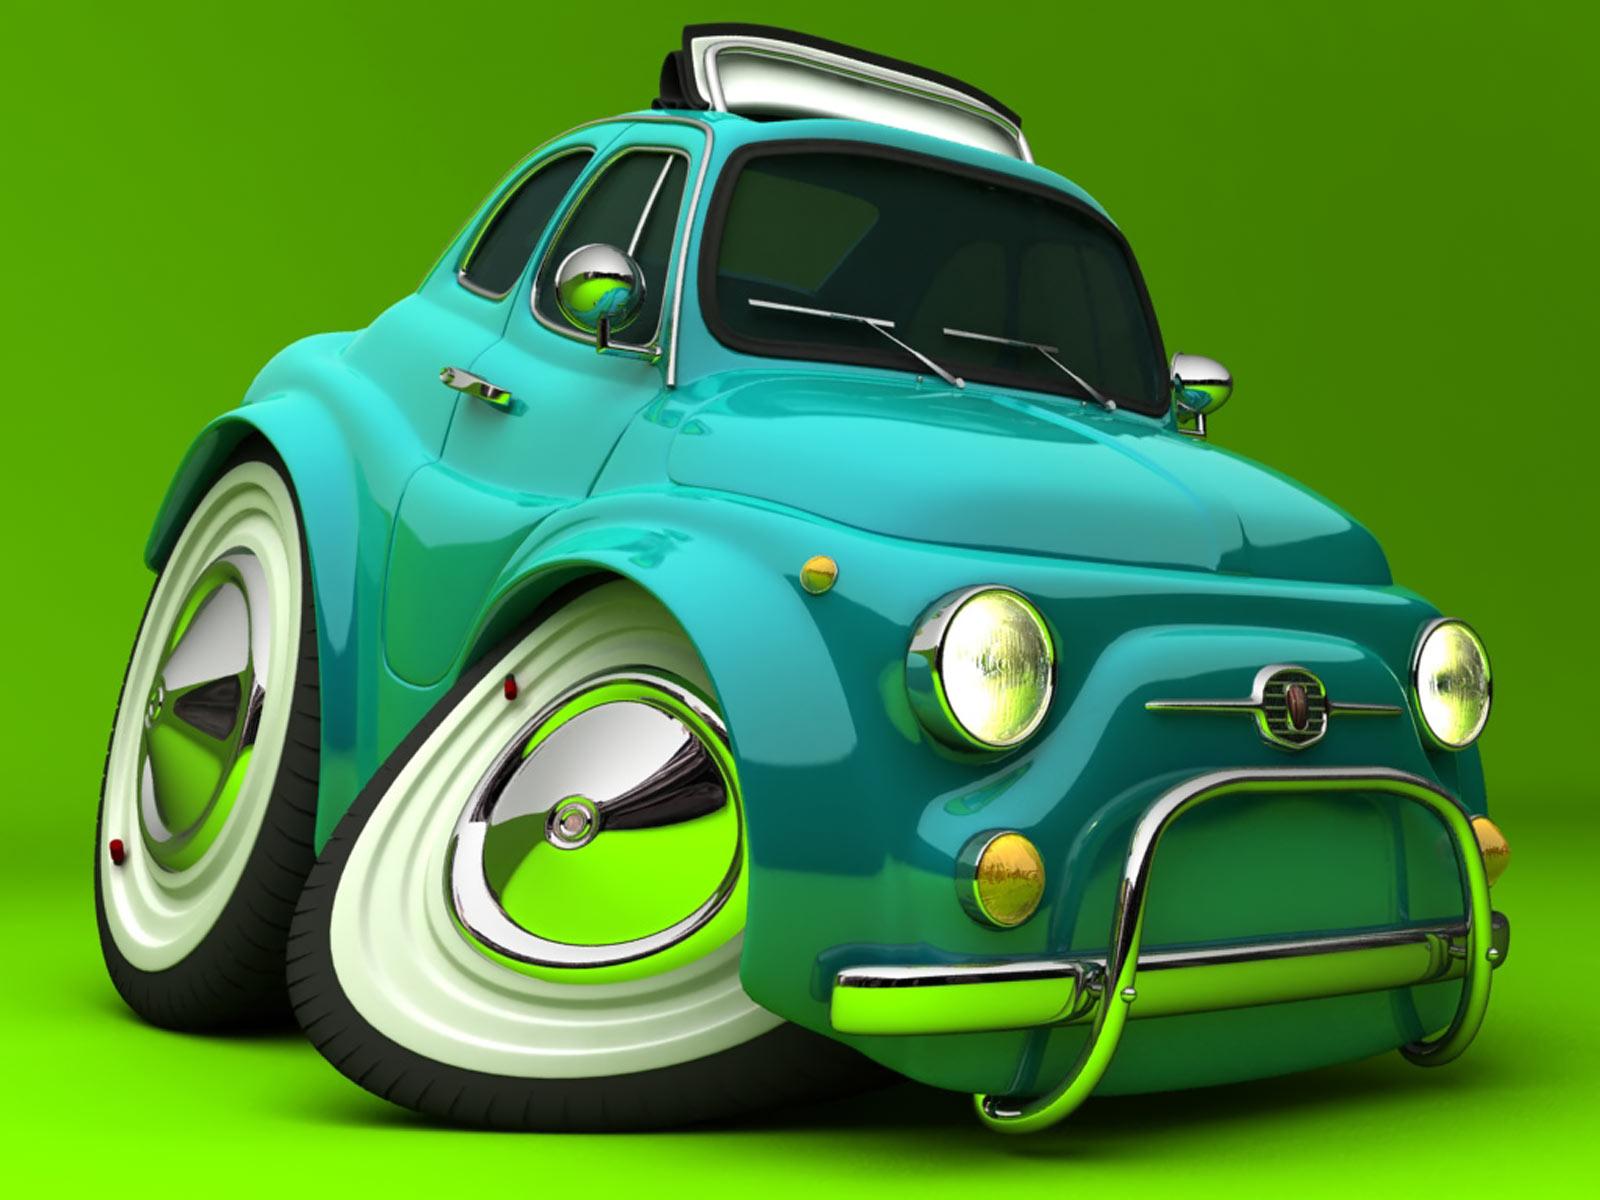 http://4.bp.blogspot.com/_fGfxzT8Q-4U/S9CiFKIoDUI/AAAAAAAAAXM/wcQ1jsRm2s0/s1600/3D_Vehicles.jpg